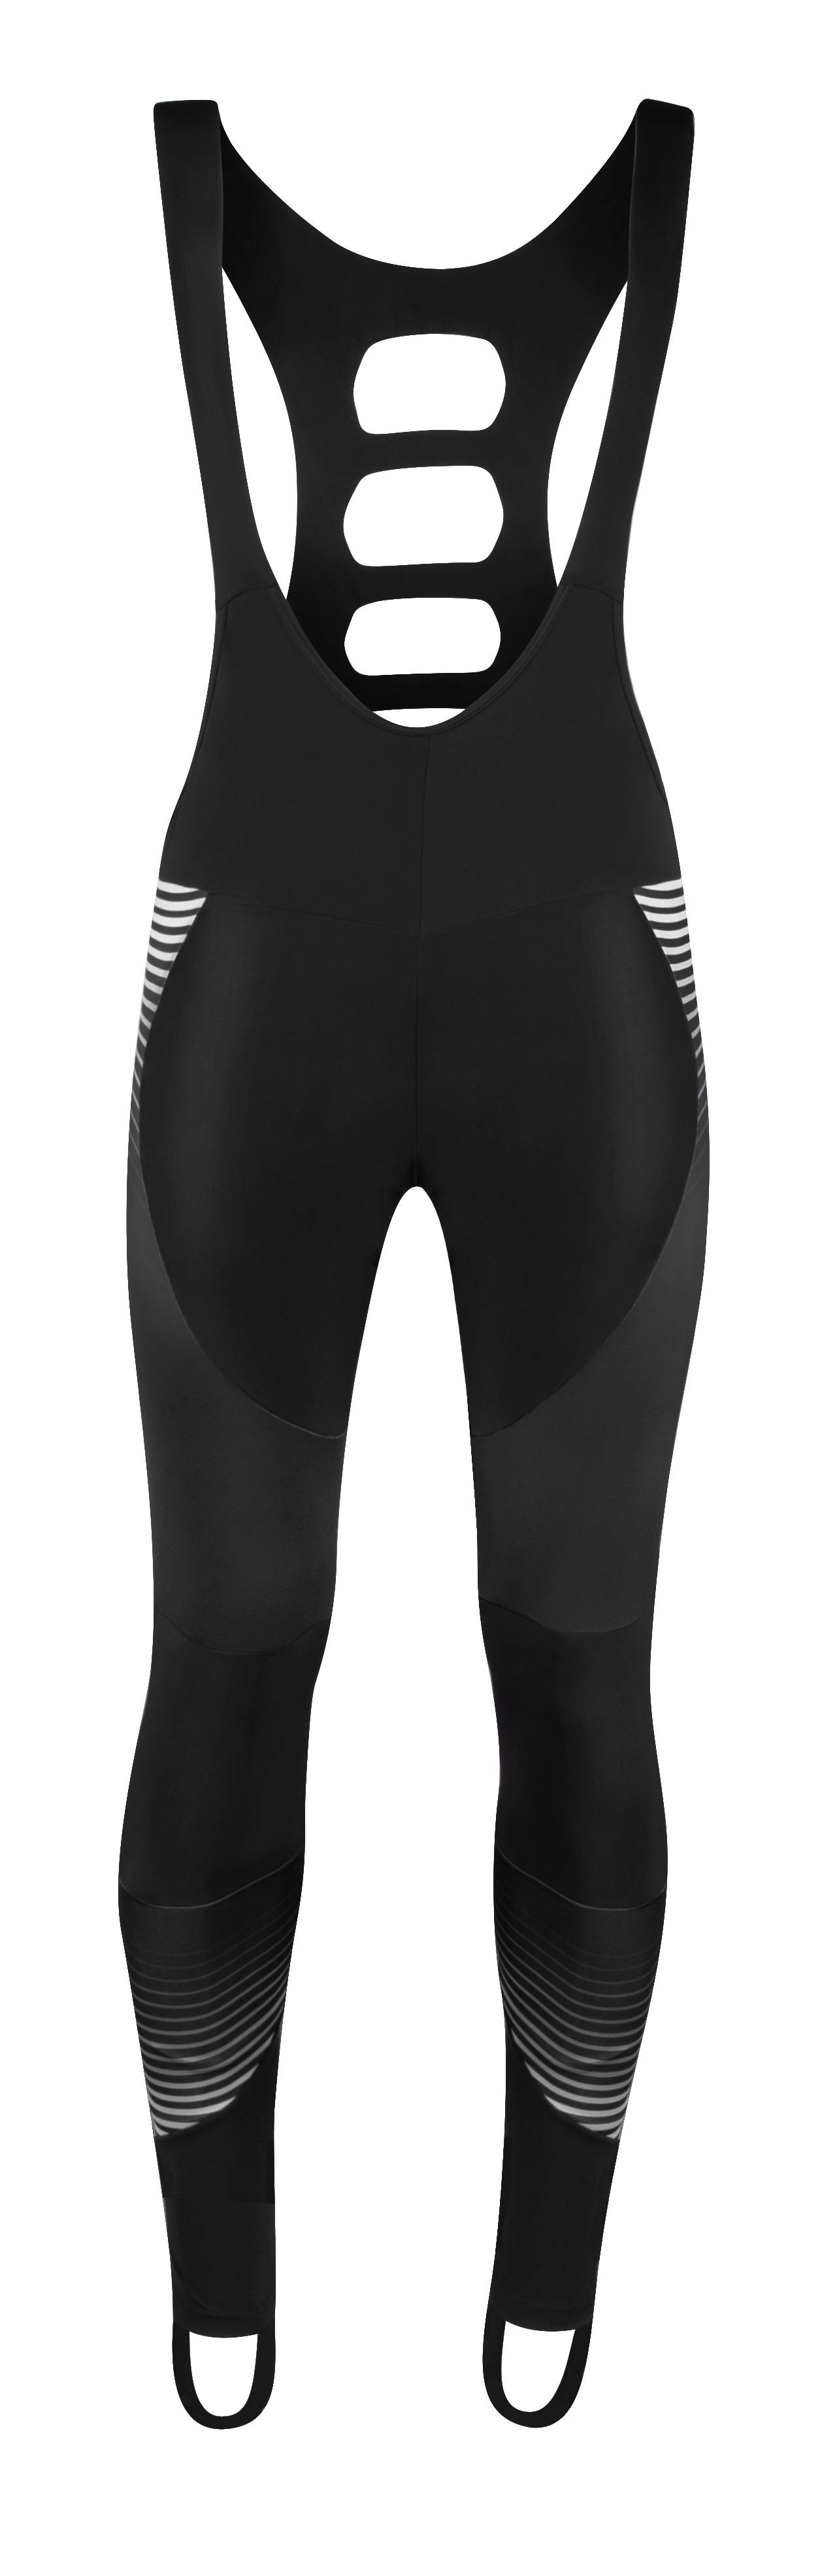 kalhoty FORCE DRIFT se šráky bez vložky, černé XS